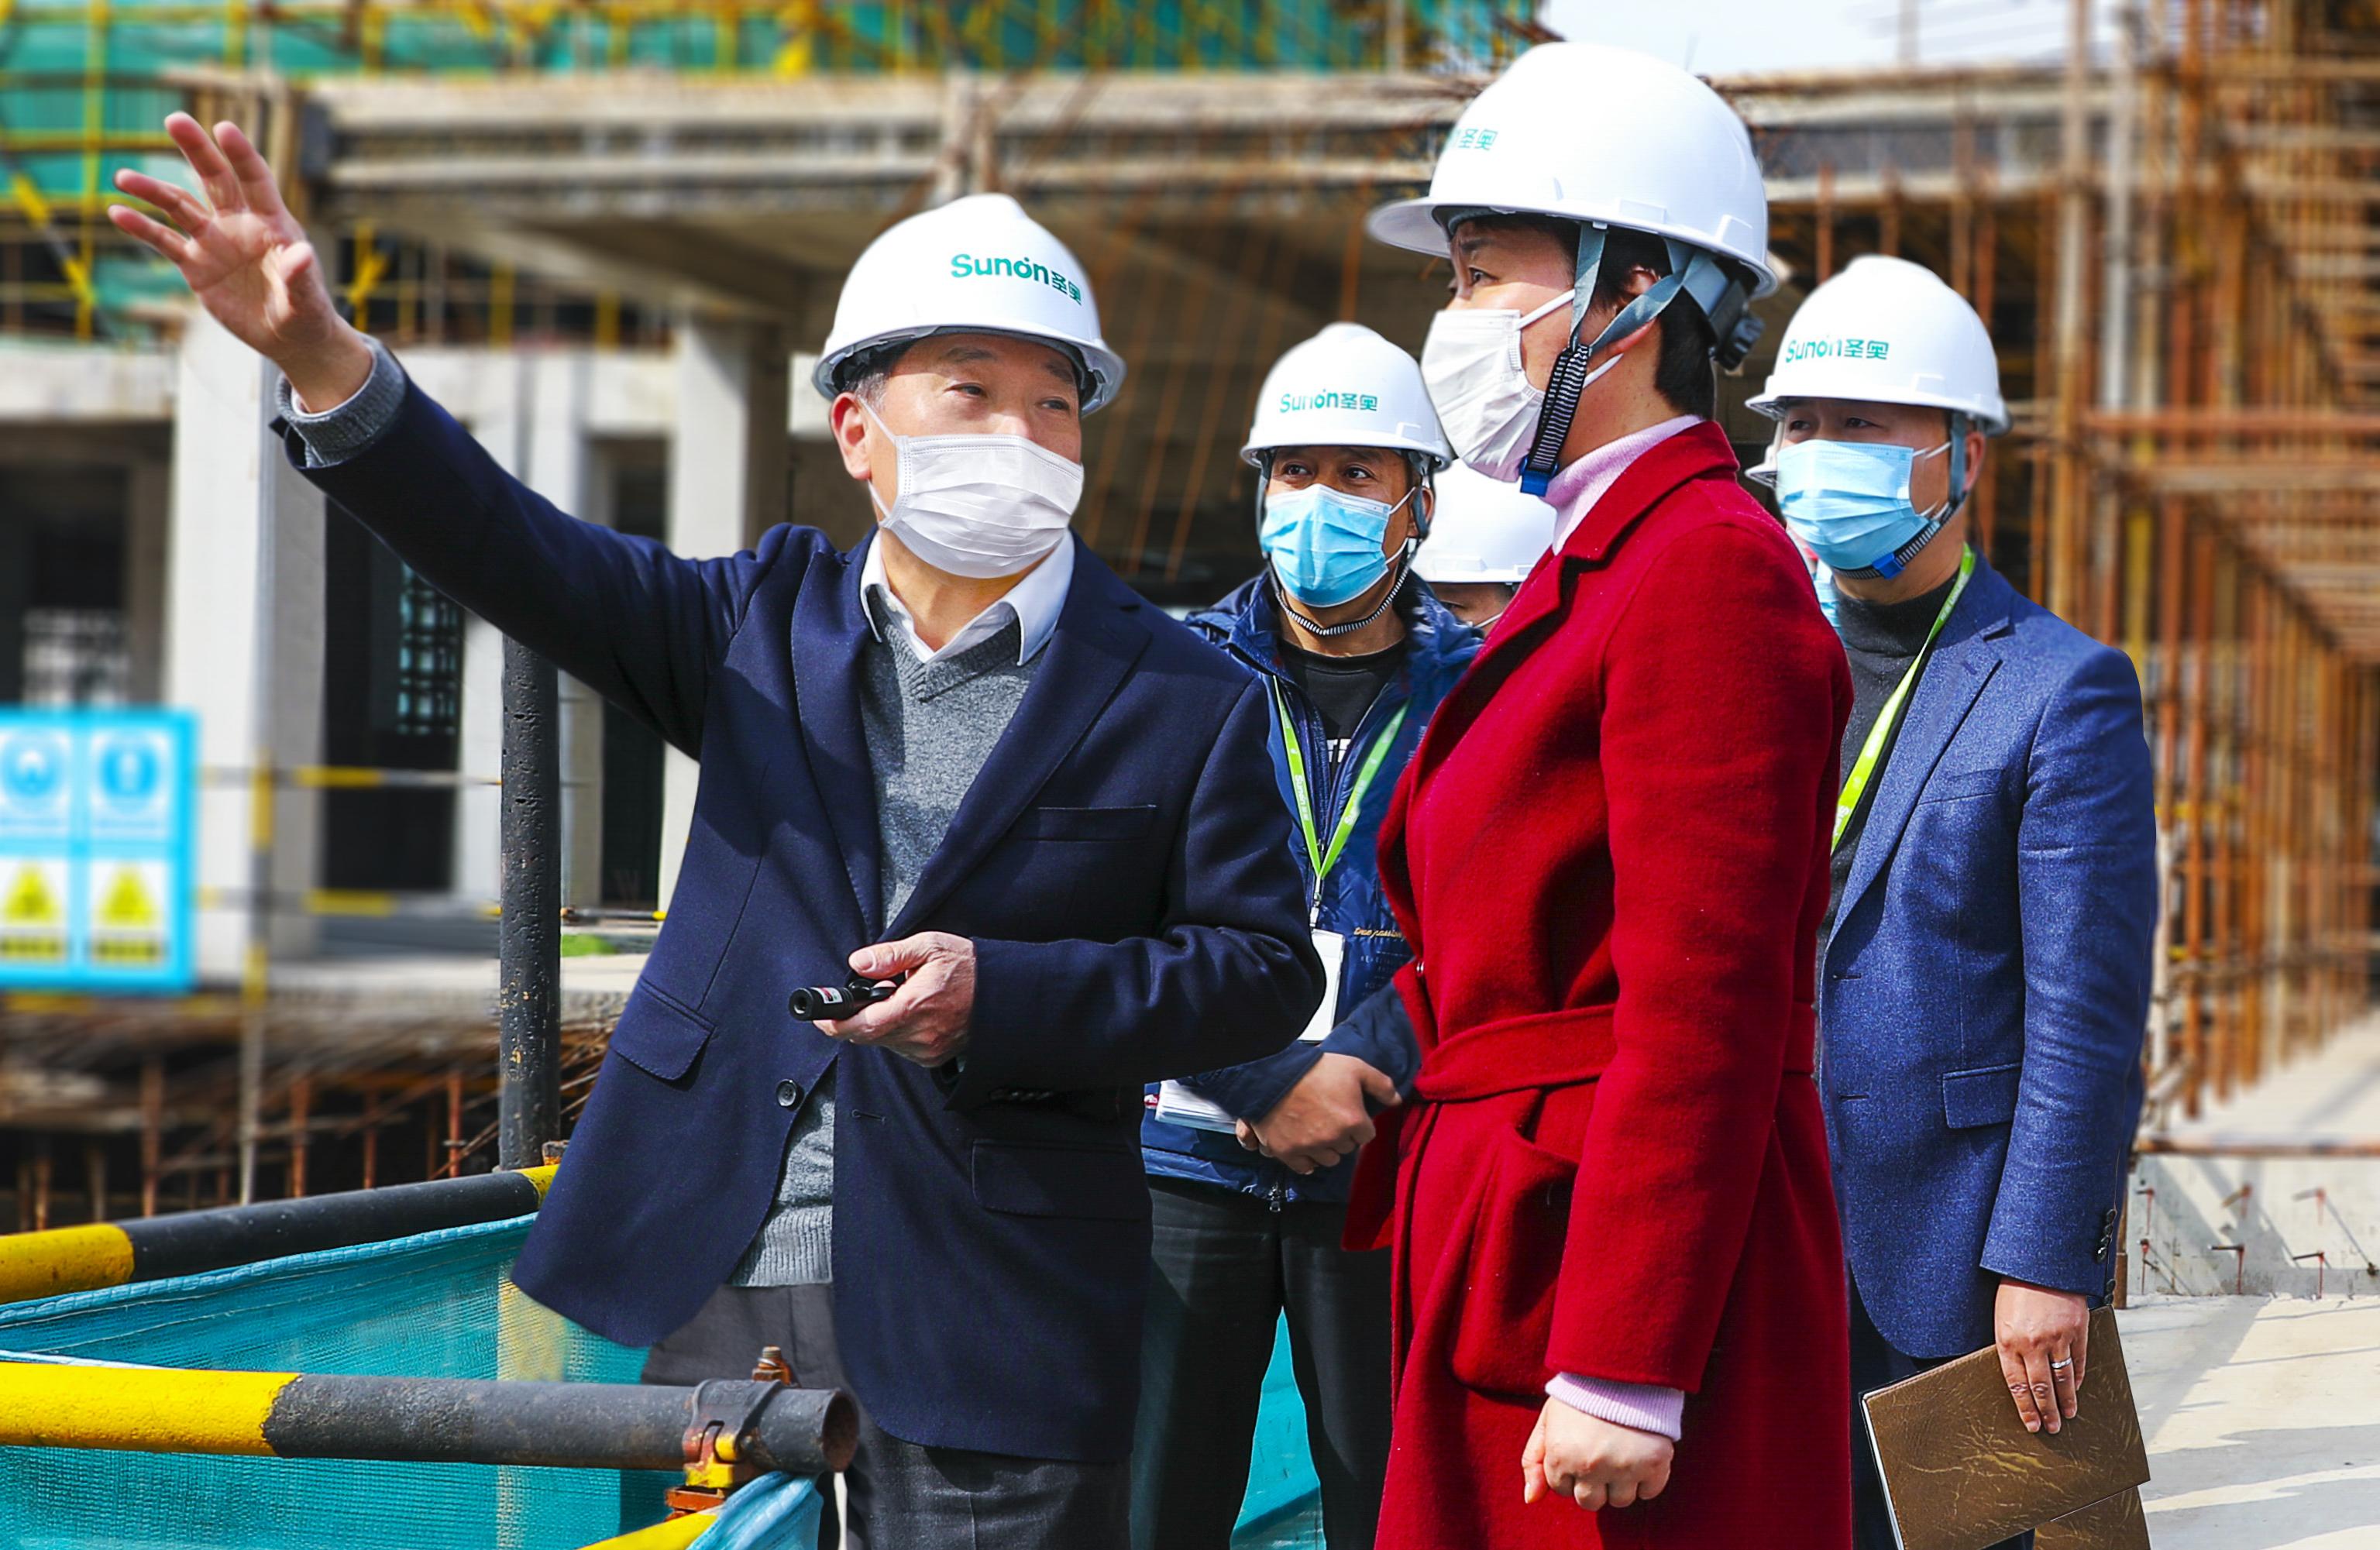 杭州市委常委、萧山区委书记佟桂莉一行到圣奥办公家具国际生产基地项目调研